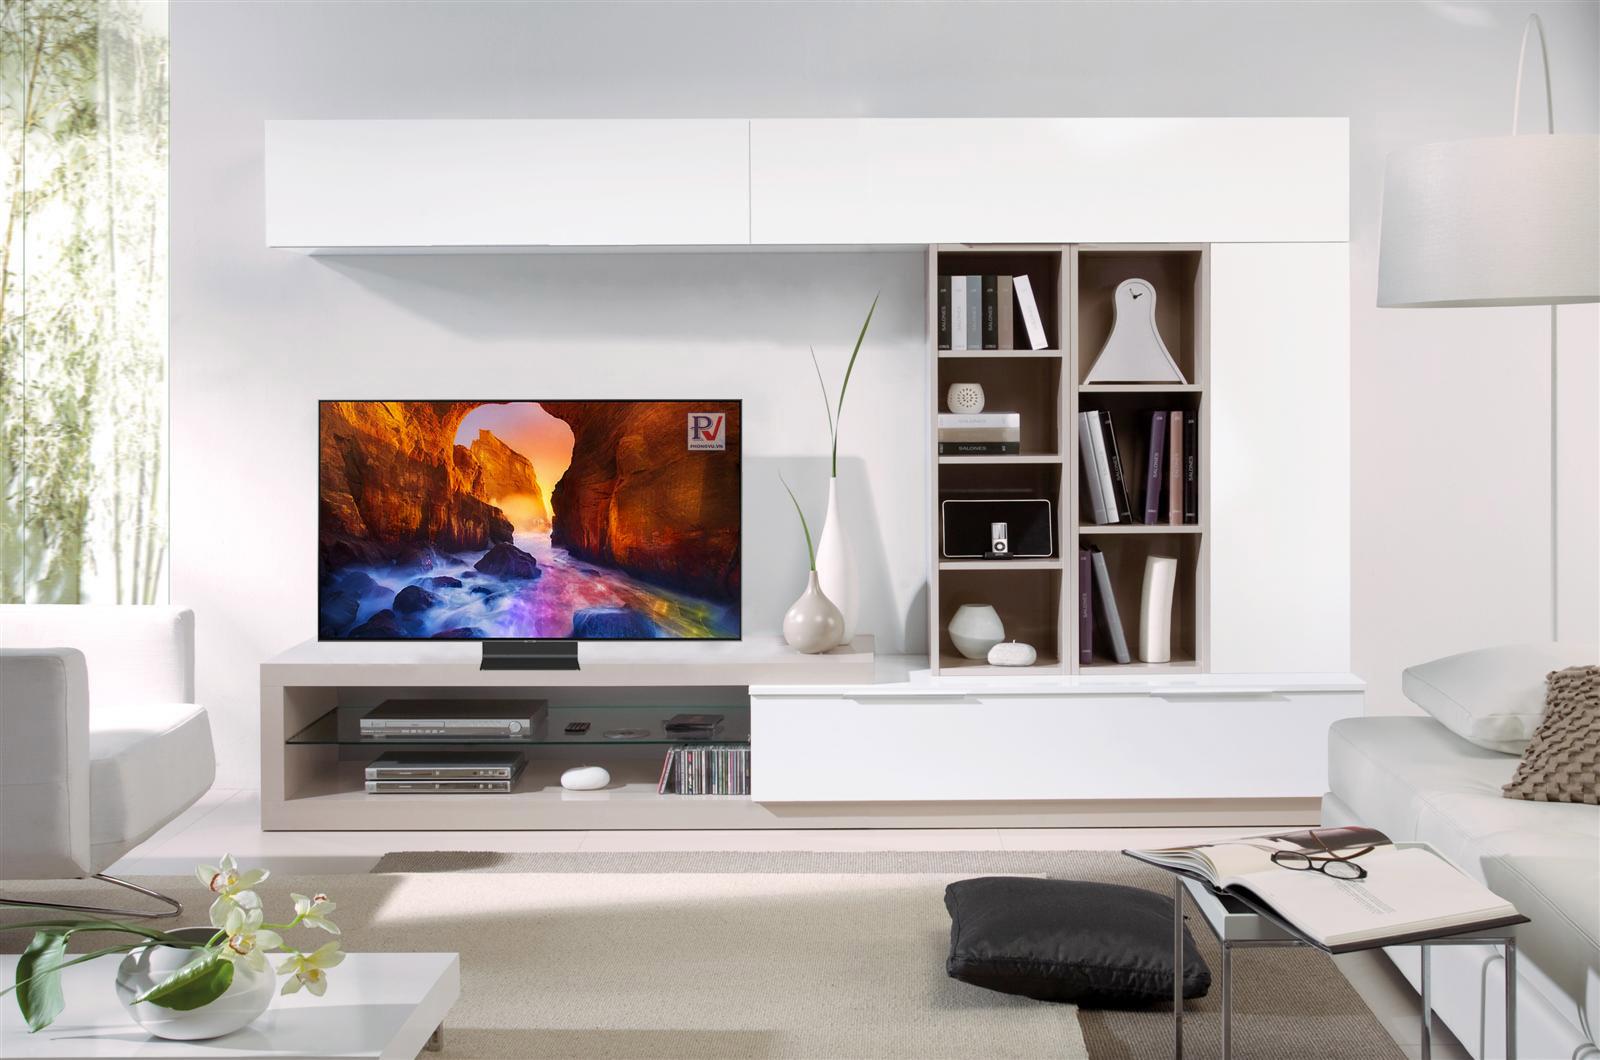 Smart Tivi QLED Samsung 4K 82 inch QA82Q90RAKXXV thiết kế tinh tế sang trọng